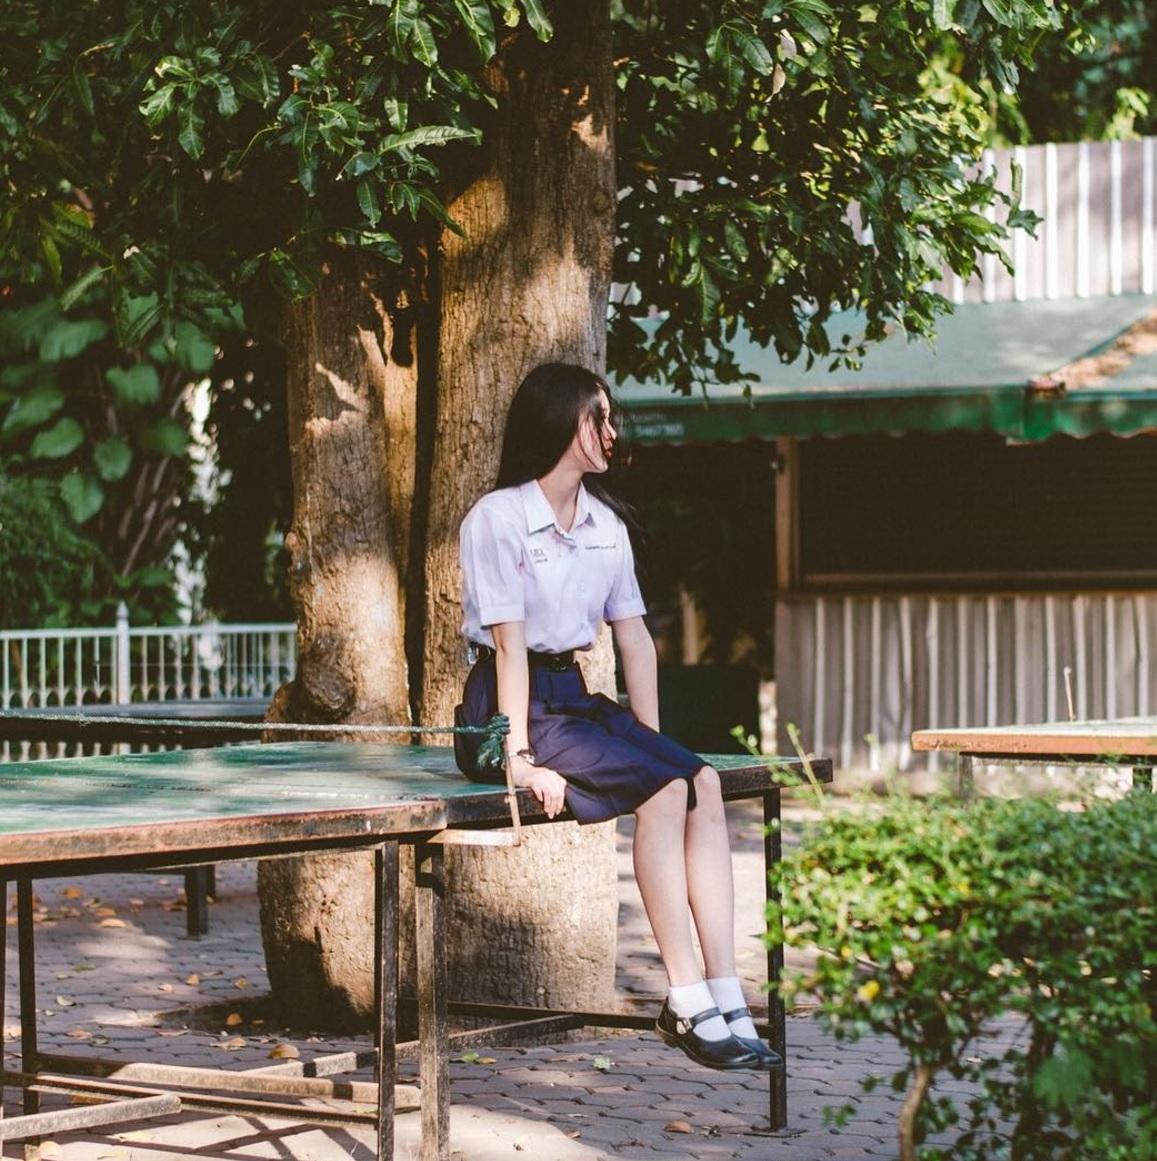 Đời sống: Chỉ cần diện đồng phục học sinh thôi, cô bạn Thái Lan sinh 2000 đã xinh hết phần người ta!